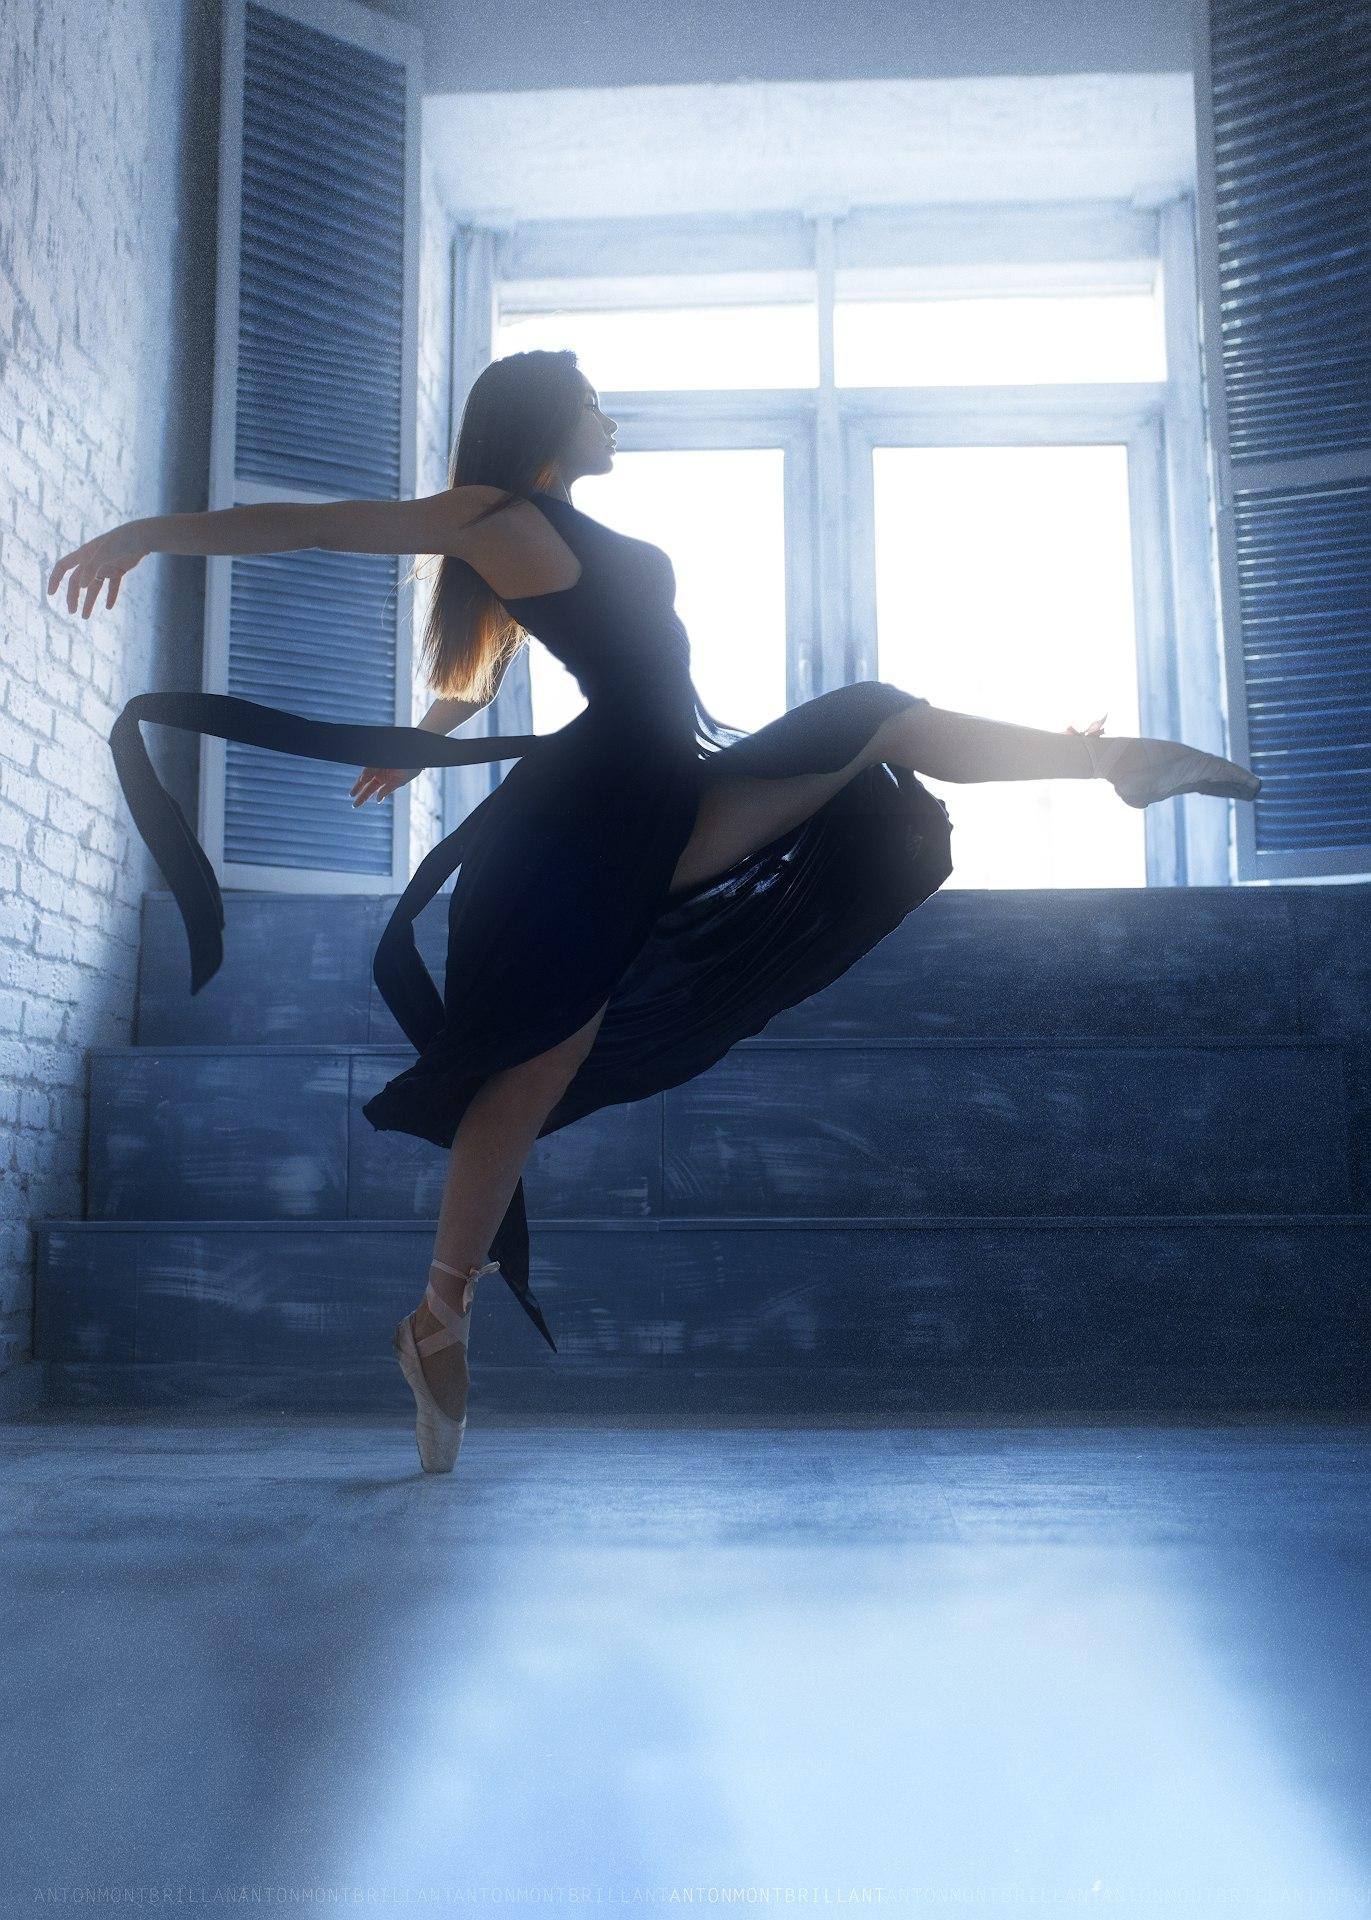 Балерина – балерина во сне – предвестие супружеской неверности или ссоры, размолвки между влюбленными, а также неудачи в интимной сфере.